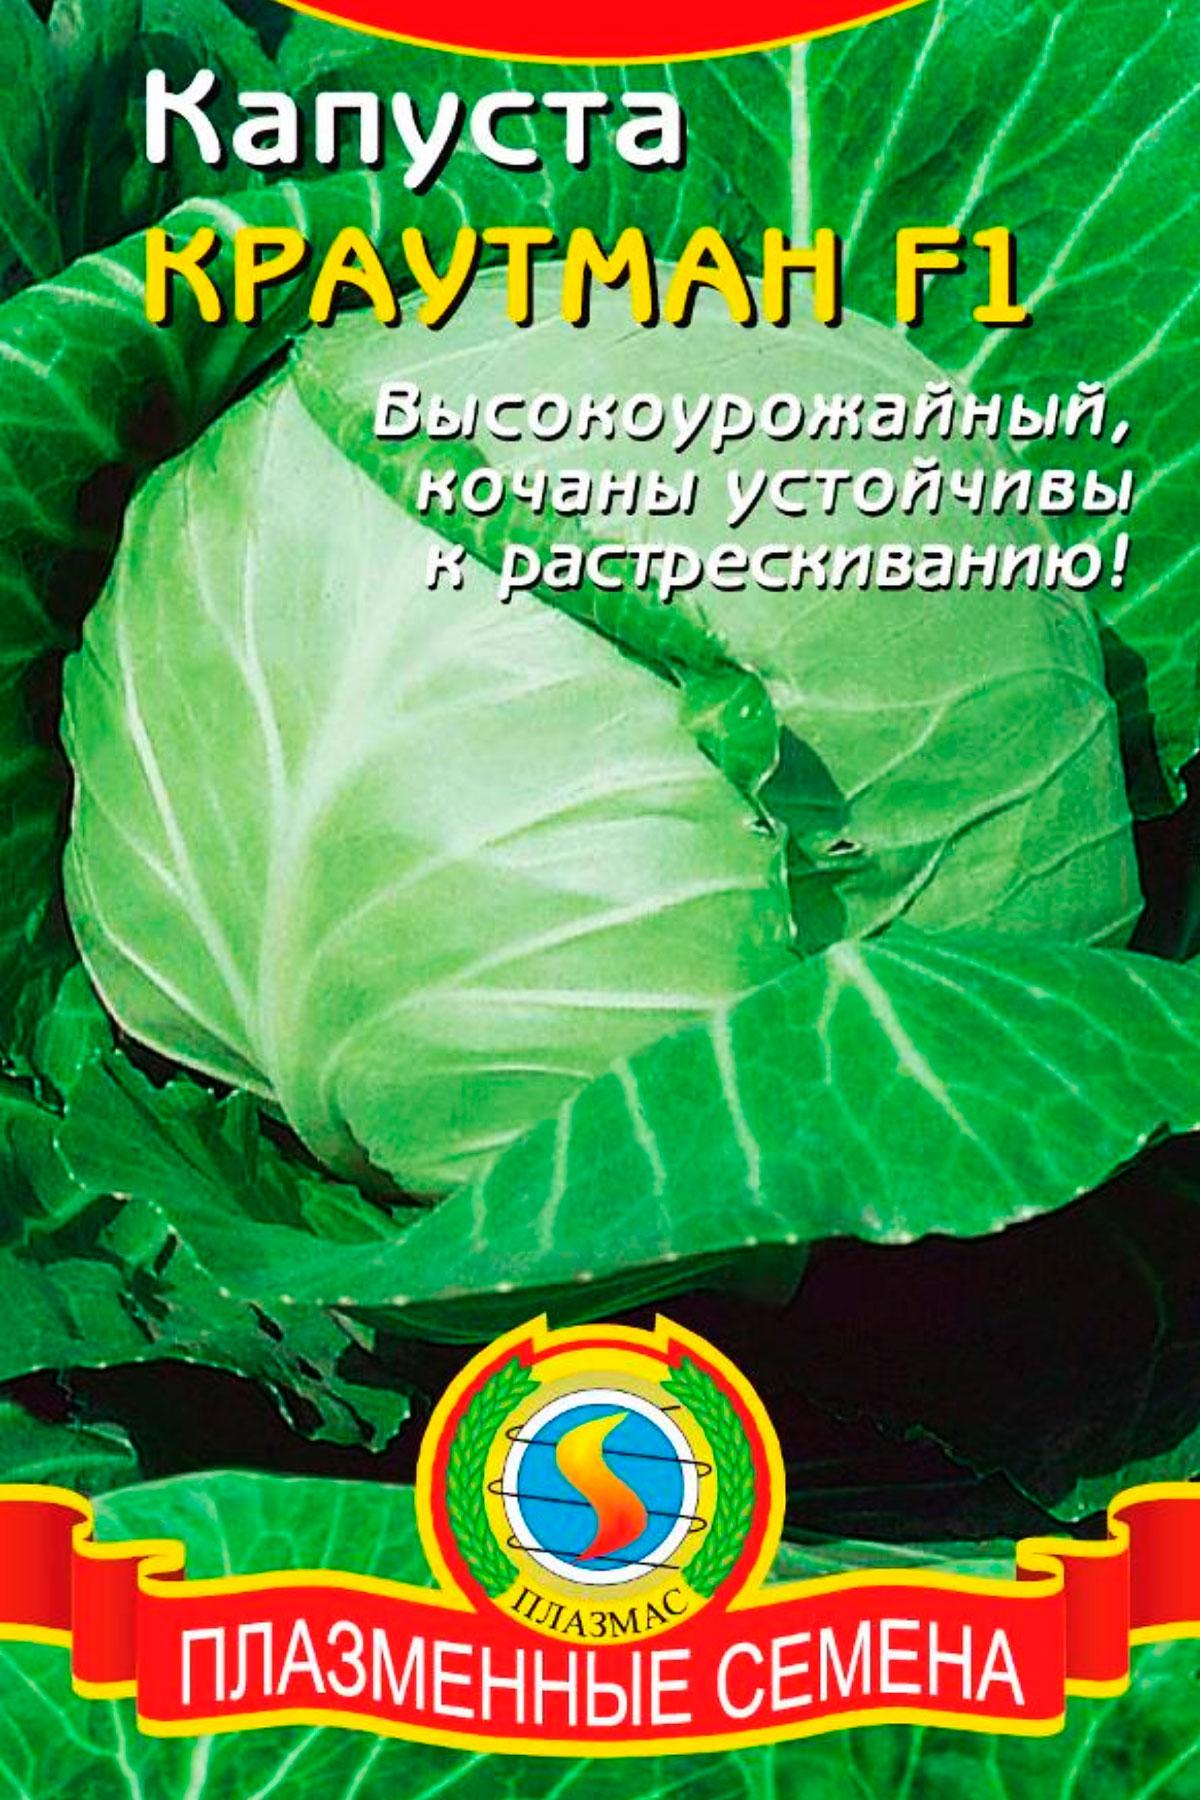 Капуста центурион f1: описание сорта, сроки и правила посадки, профилактика заболеваний, отзывы огородников